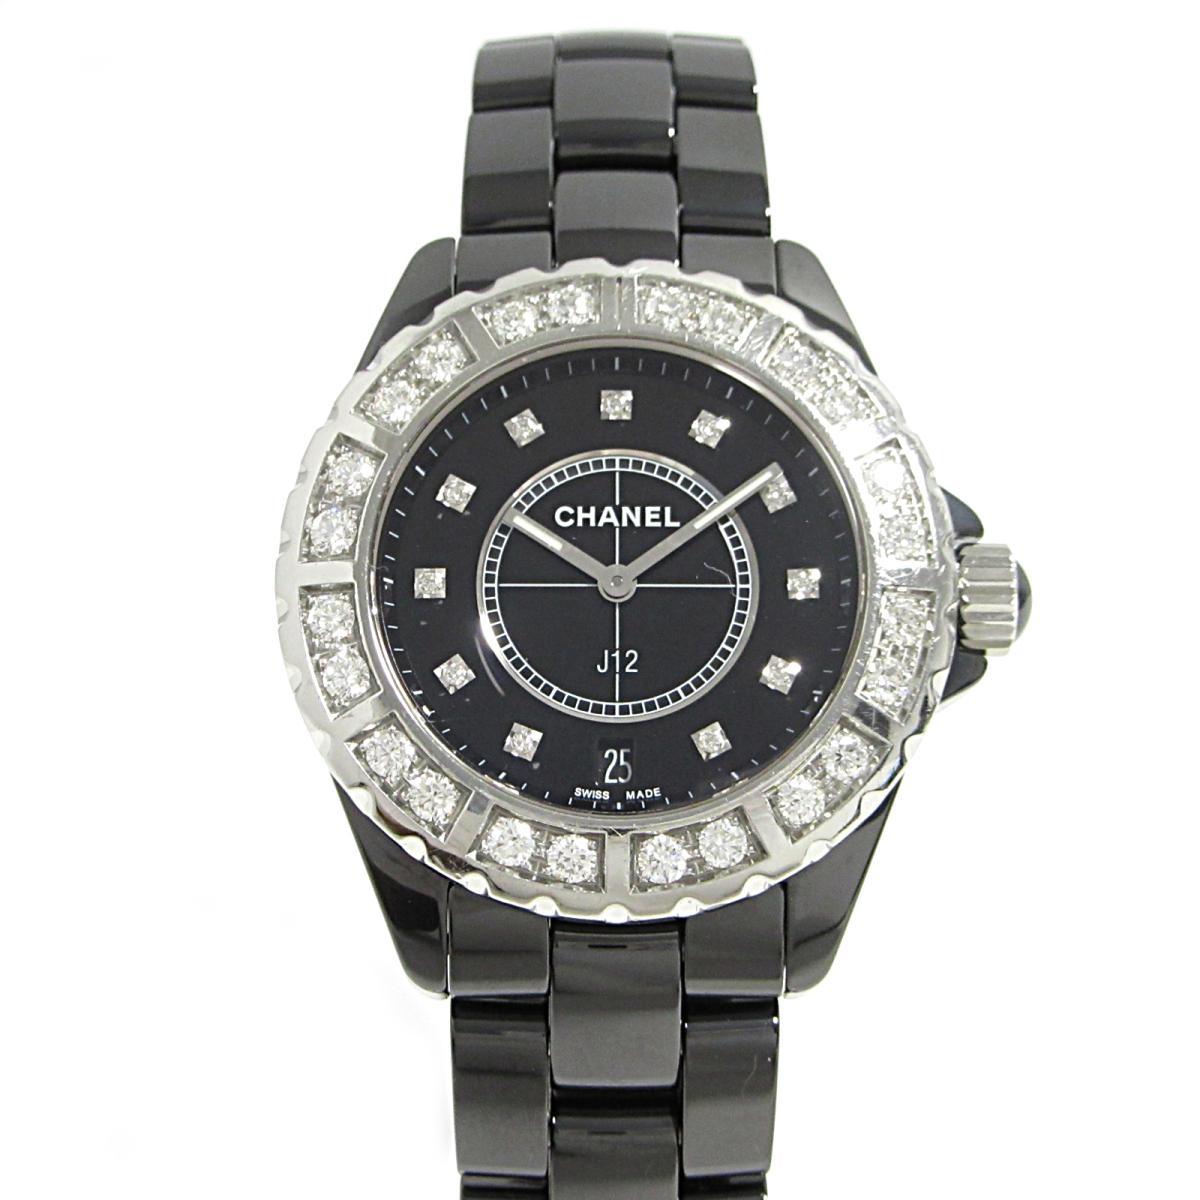 2c37a3861334 シャネル J12 ラージダイヤベゼル 腕時計 ウォッチ メンズ H2428 ...